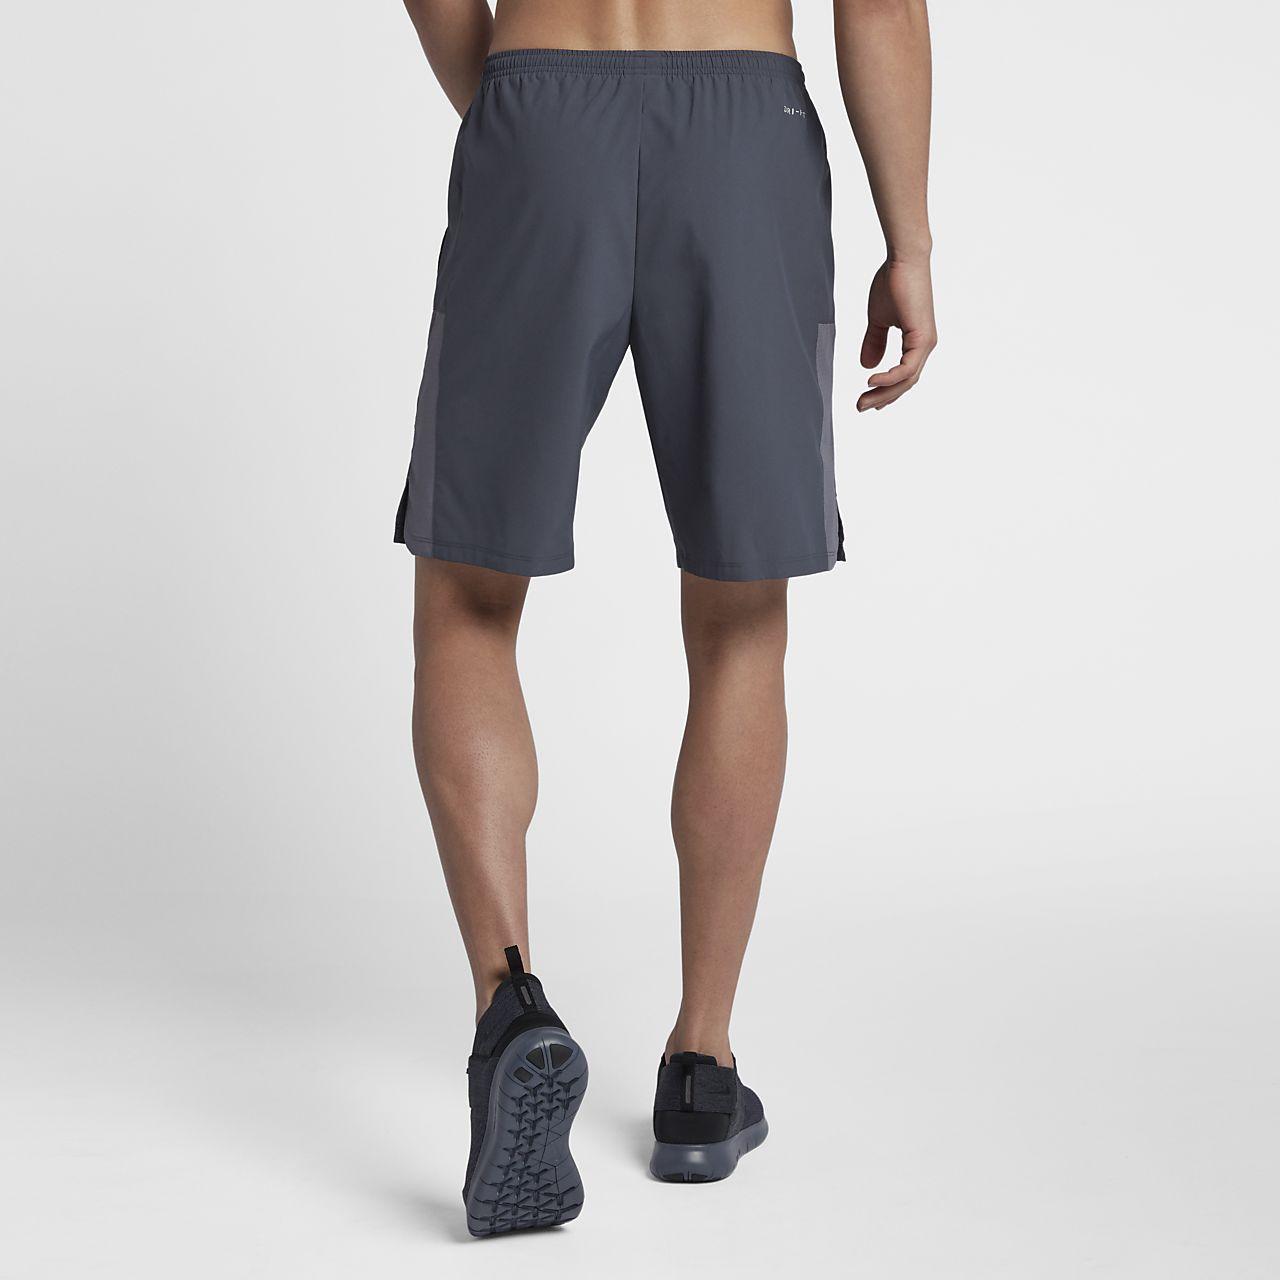 genuina en venta Nike Mens Challenger Pantalones Cortos 9 Pulgadas salida de china salida mejores precios mejor lugar barato salida 2015 DZVWRY